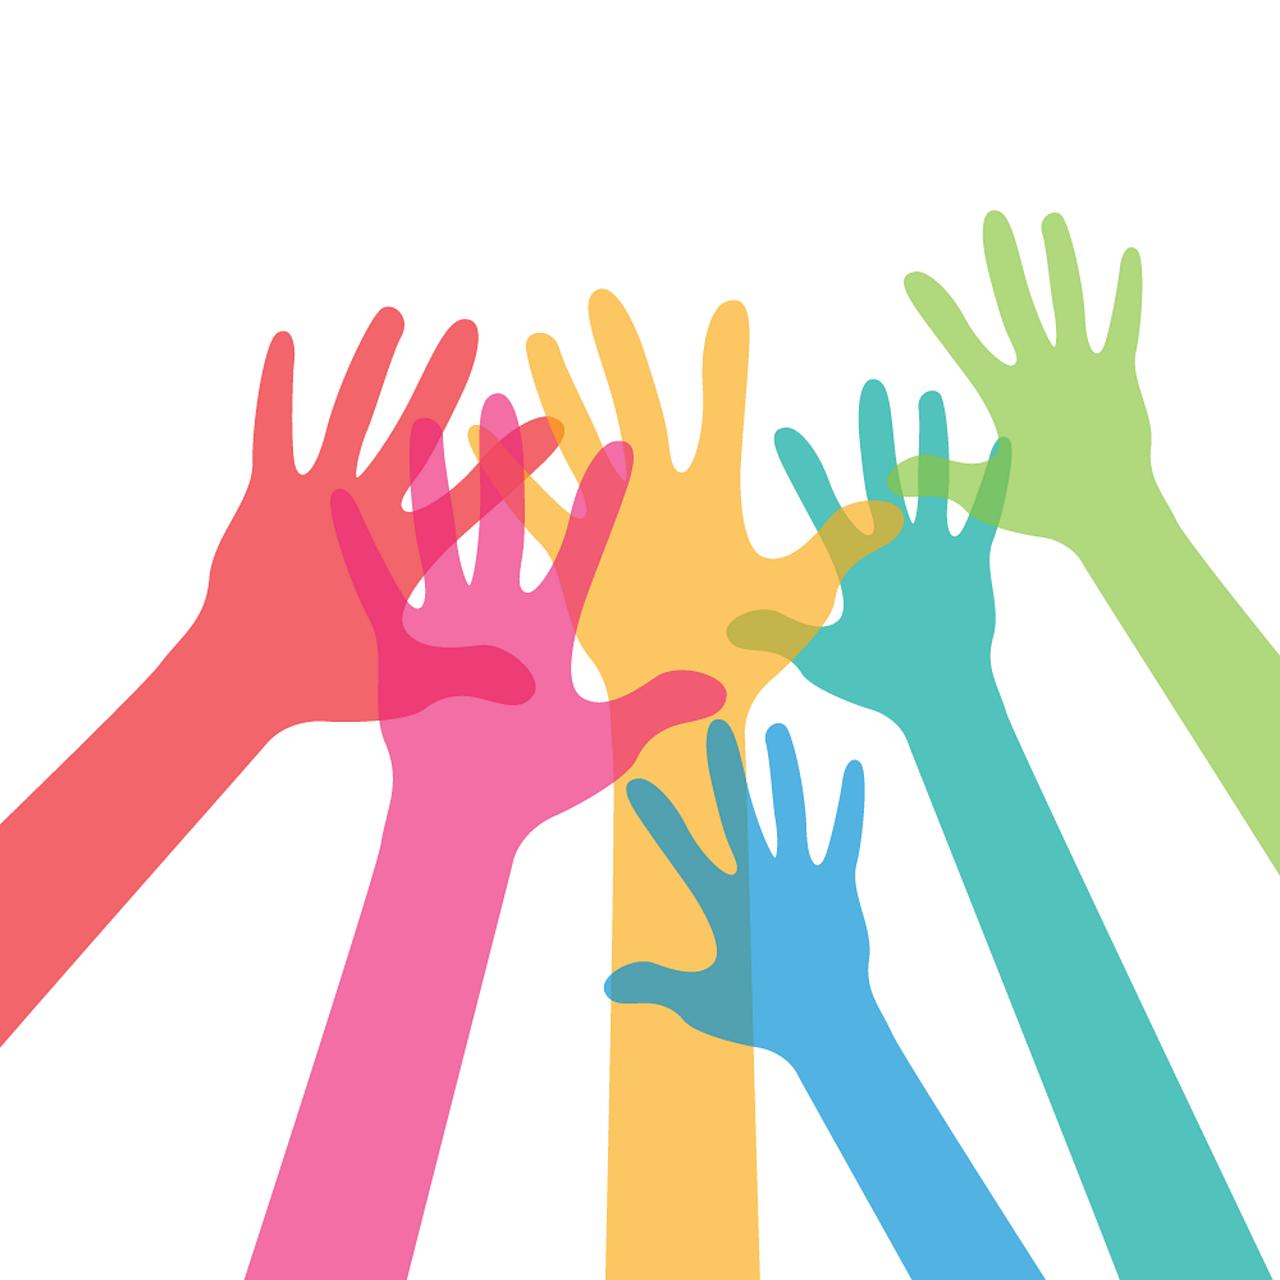 OPERAZIONI FORMATIVE E DI POLITICA ATTIVA DEL LAVORO A SUPPORTO DELL'INSERIMENTO LAVORATIVO E DELLA PERMANENZA NEL LAVORO – 2019 – FONDO REGIONALE DISABILI